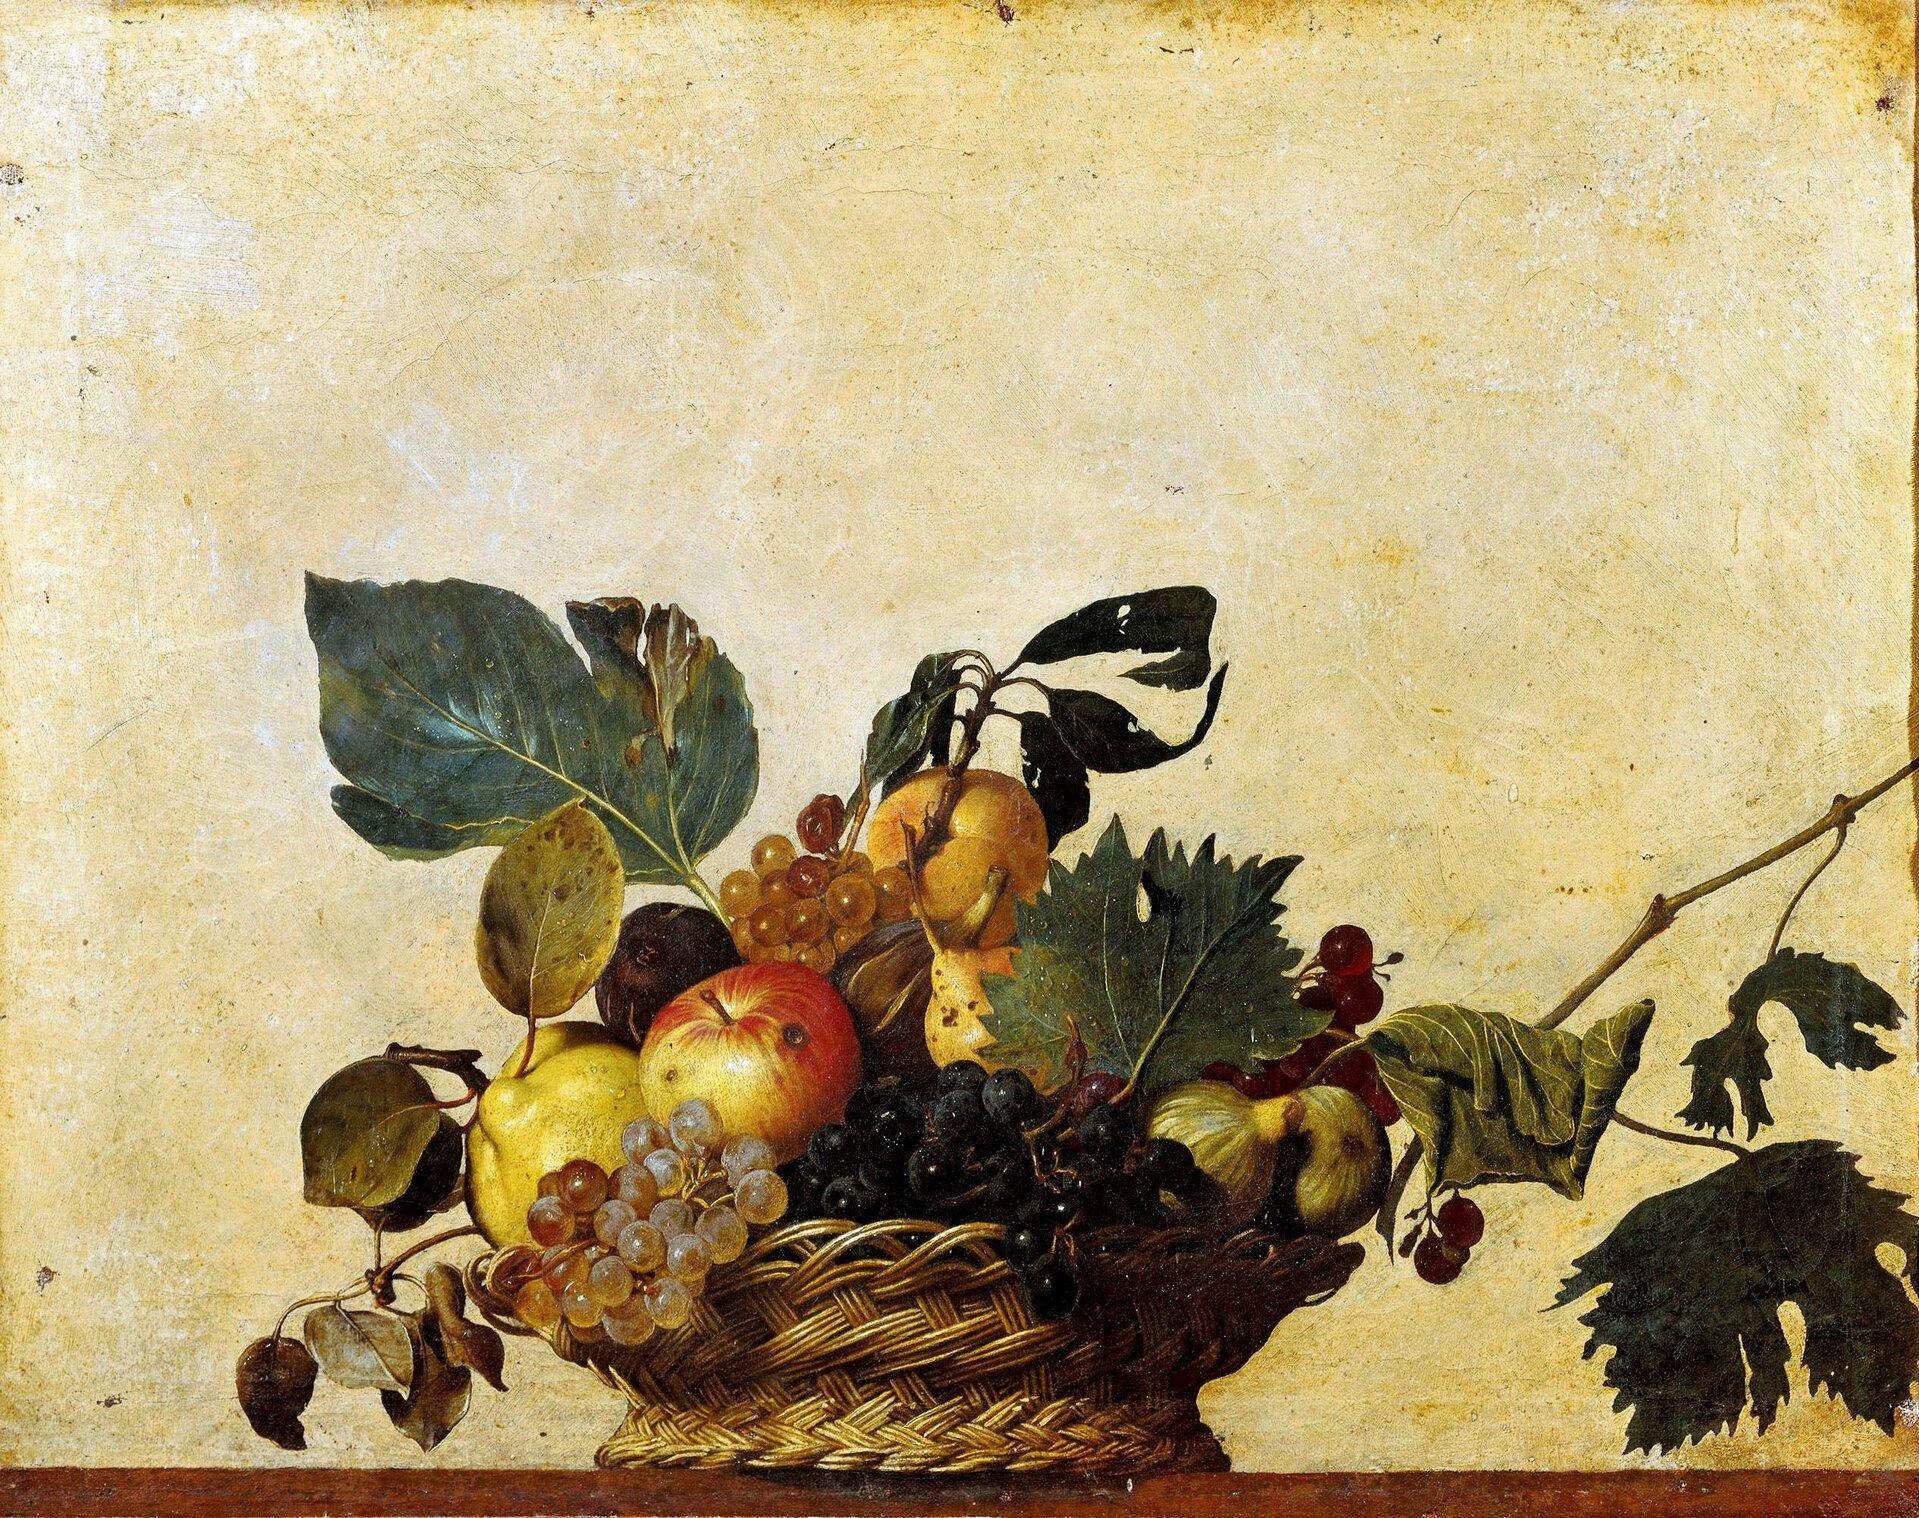 """Ilustracja przedstawia obraz Caravaggio pt. """"Kosz zowocami"""". Dzieło powstało w1597 roku. Na obrazie został przedstawiony fragment stołu zbrązowym blatem. Na blacie ustawiony jest wiklinowy, brązowy kosz, wktórym znajdują się owoce. Są to: jabłka, gruszki, cytryny, winogrona. Owoce przyozdobione są liśćmi. Autor obrazu wswoich dziełach wyrzekał się piękna ludzkiego ciała."""